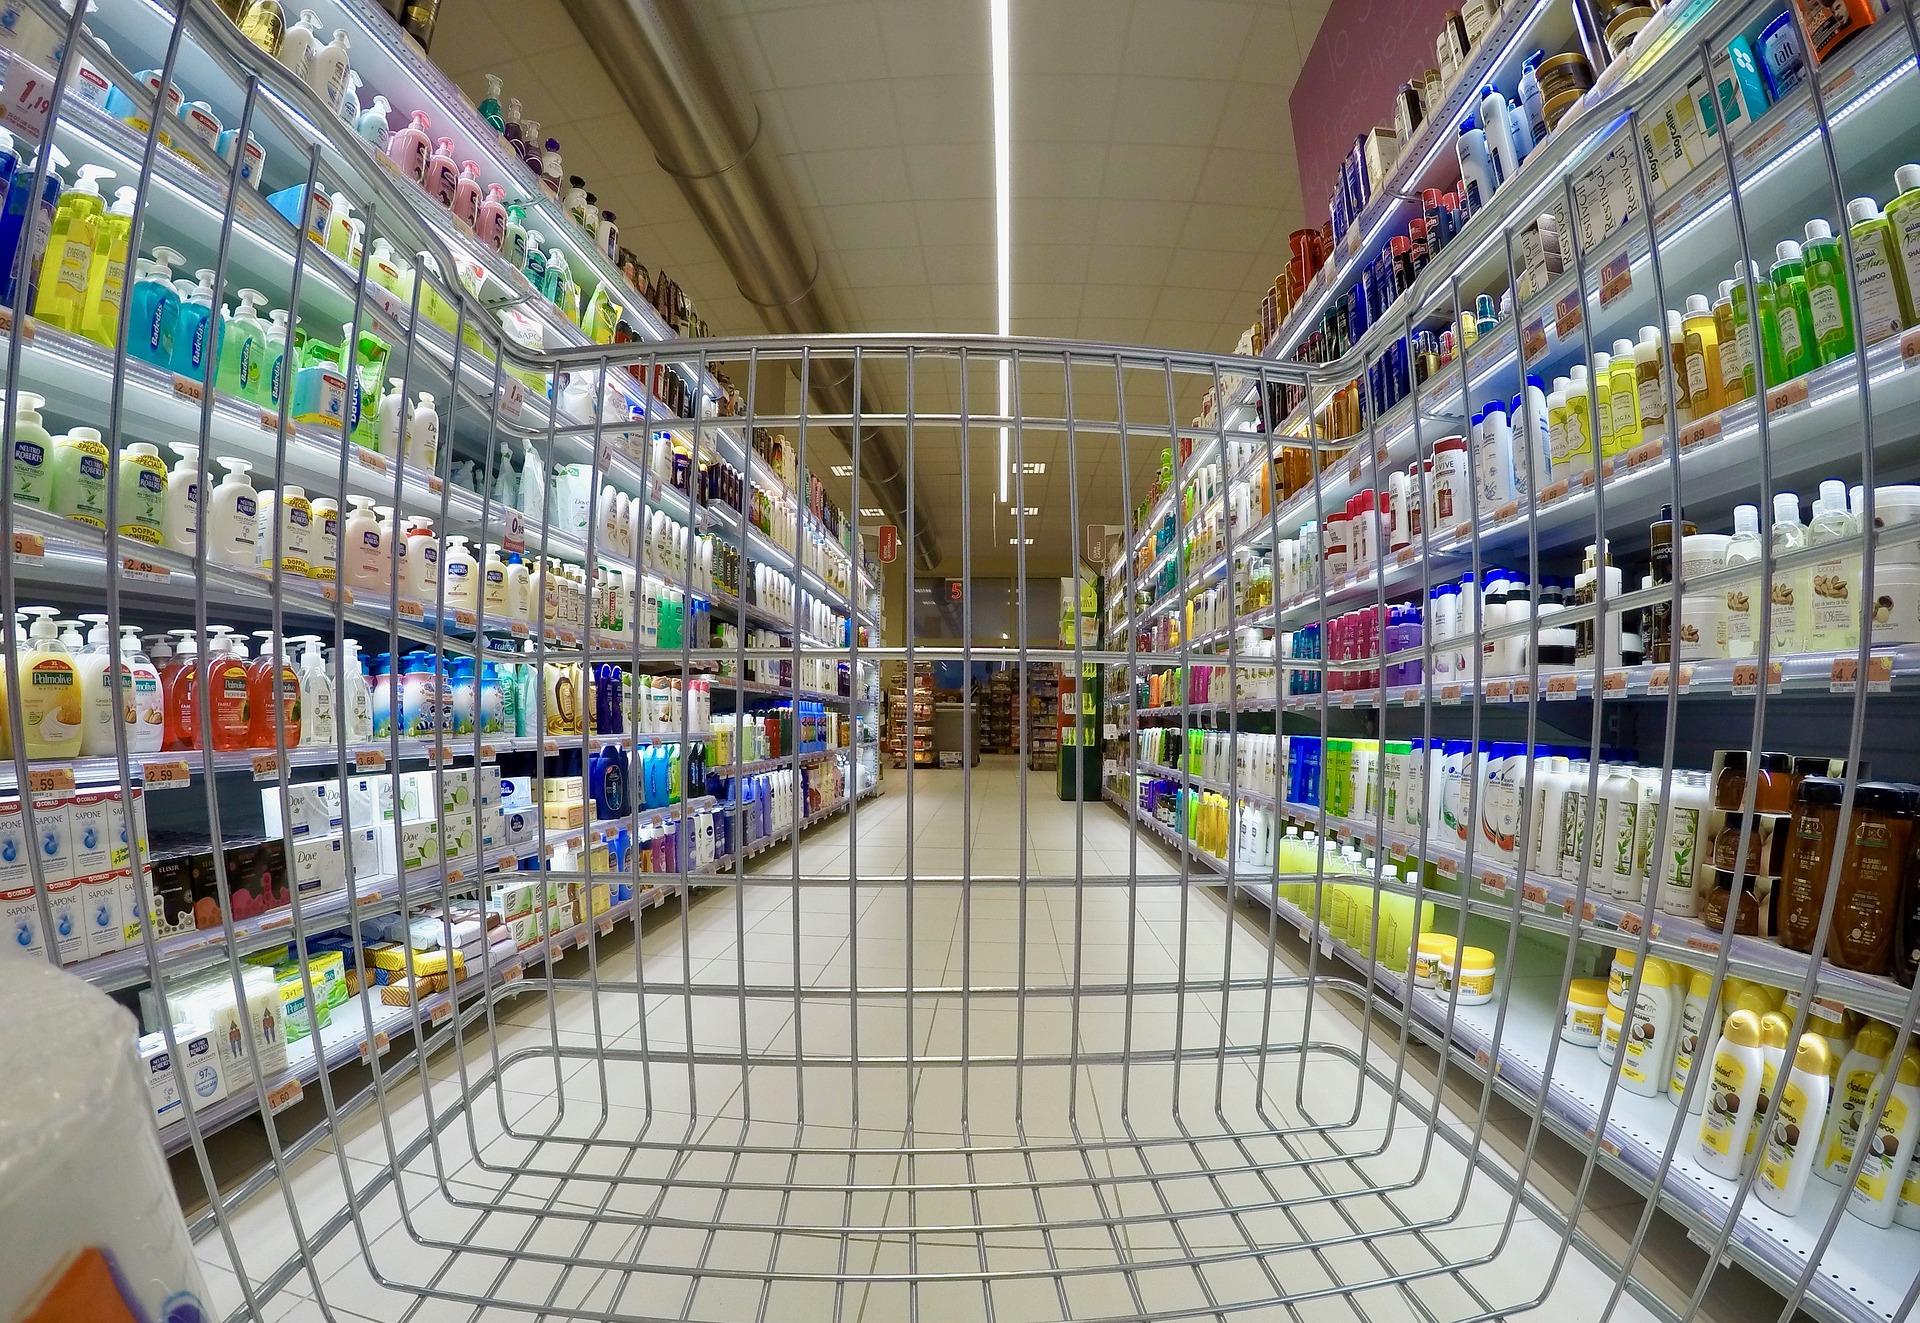 Der größte Wal Mart Store in den USA